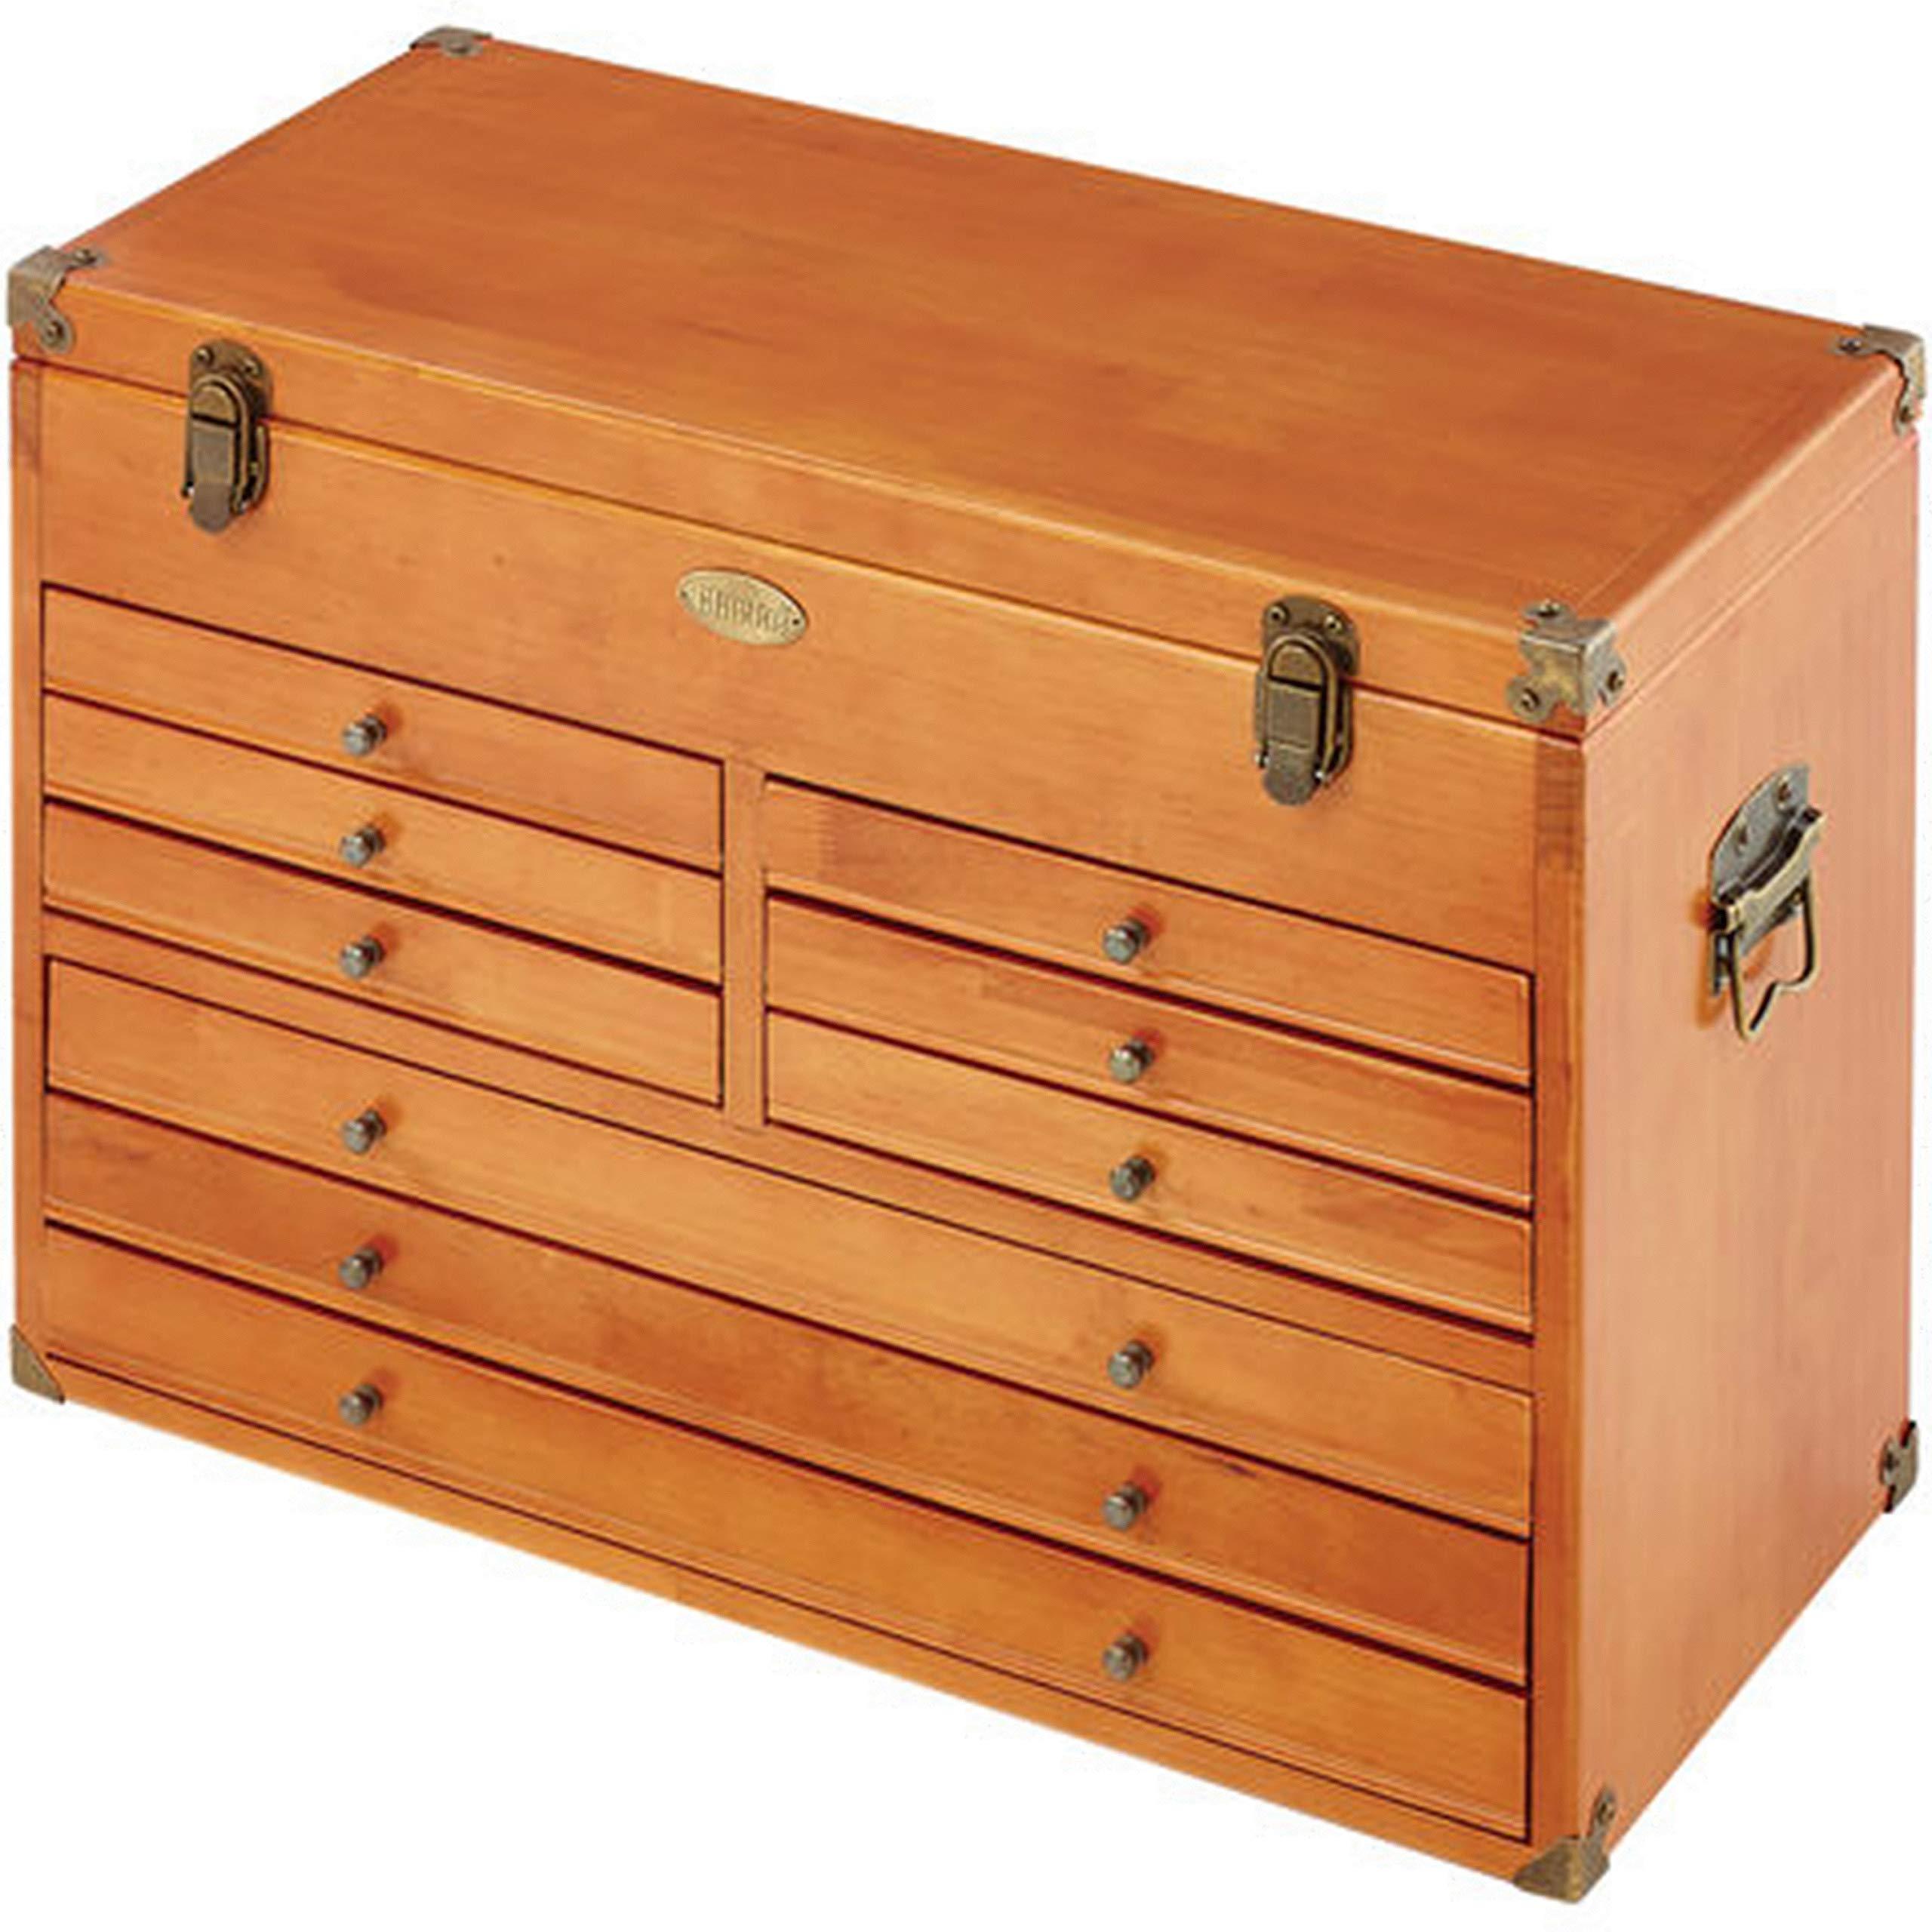 Caja de herramientas es de madera Clarke maquinista - CMW-9: Amazon.es: Bricolaje y herramientas